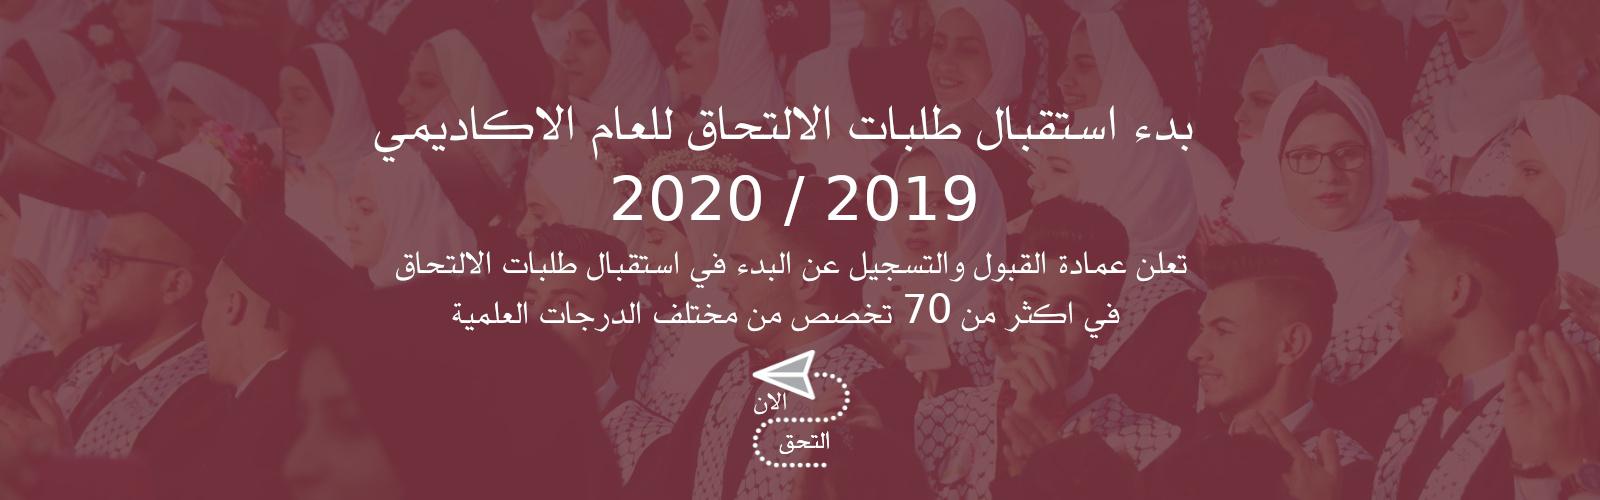 Palestine Polytechnic University (PPU) - التحق الان